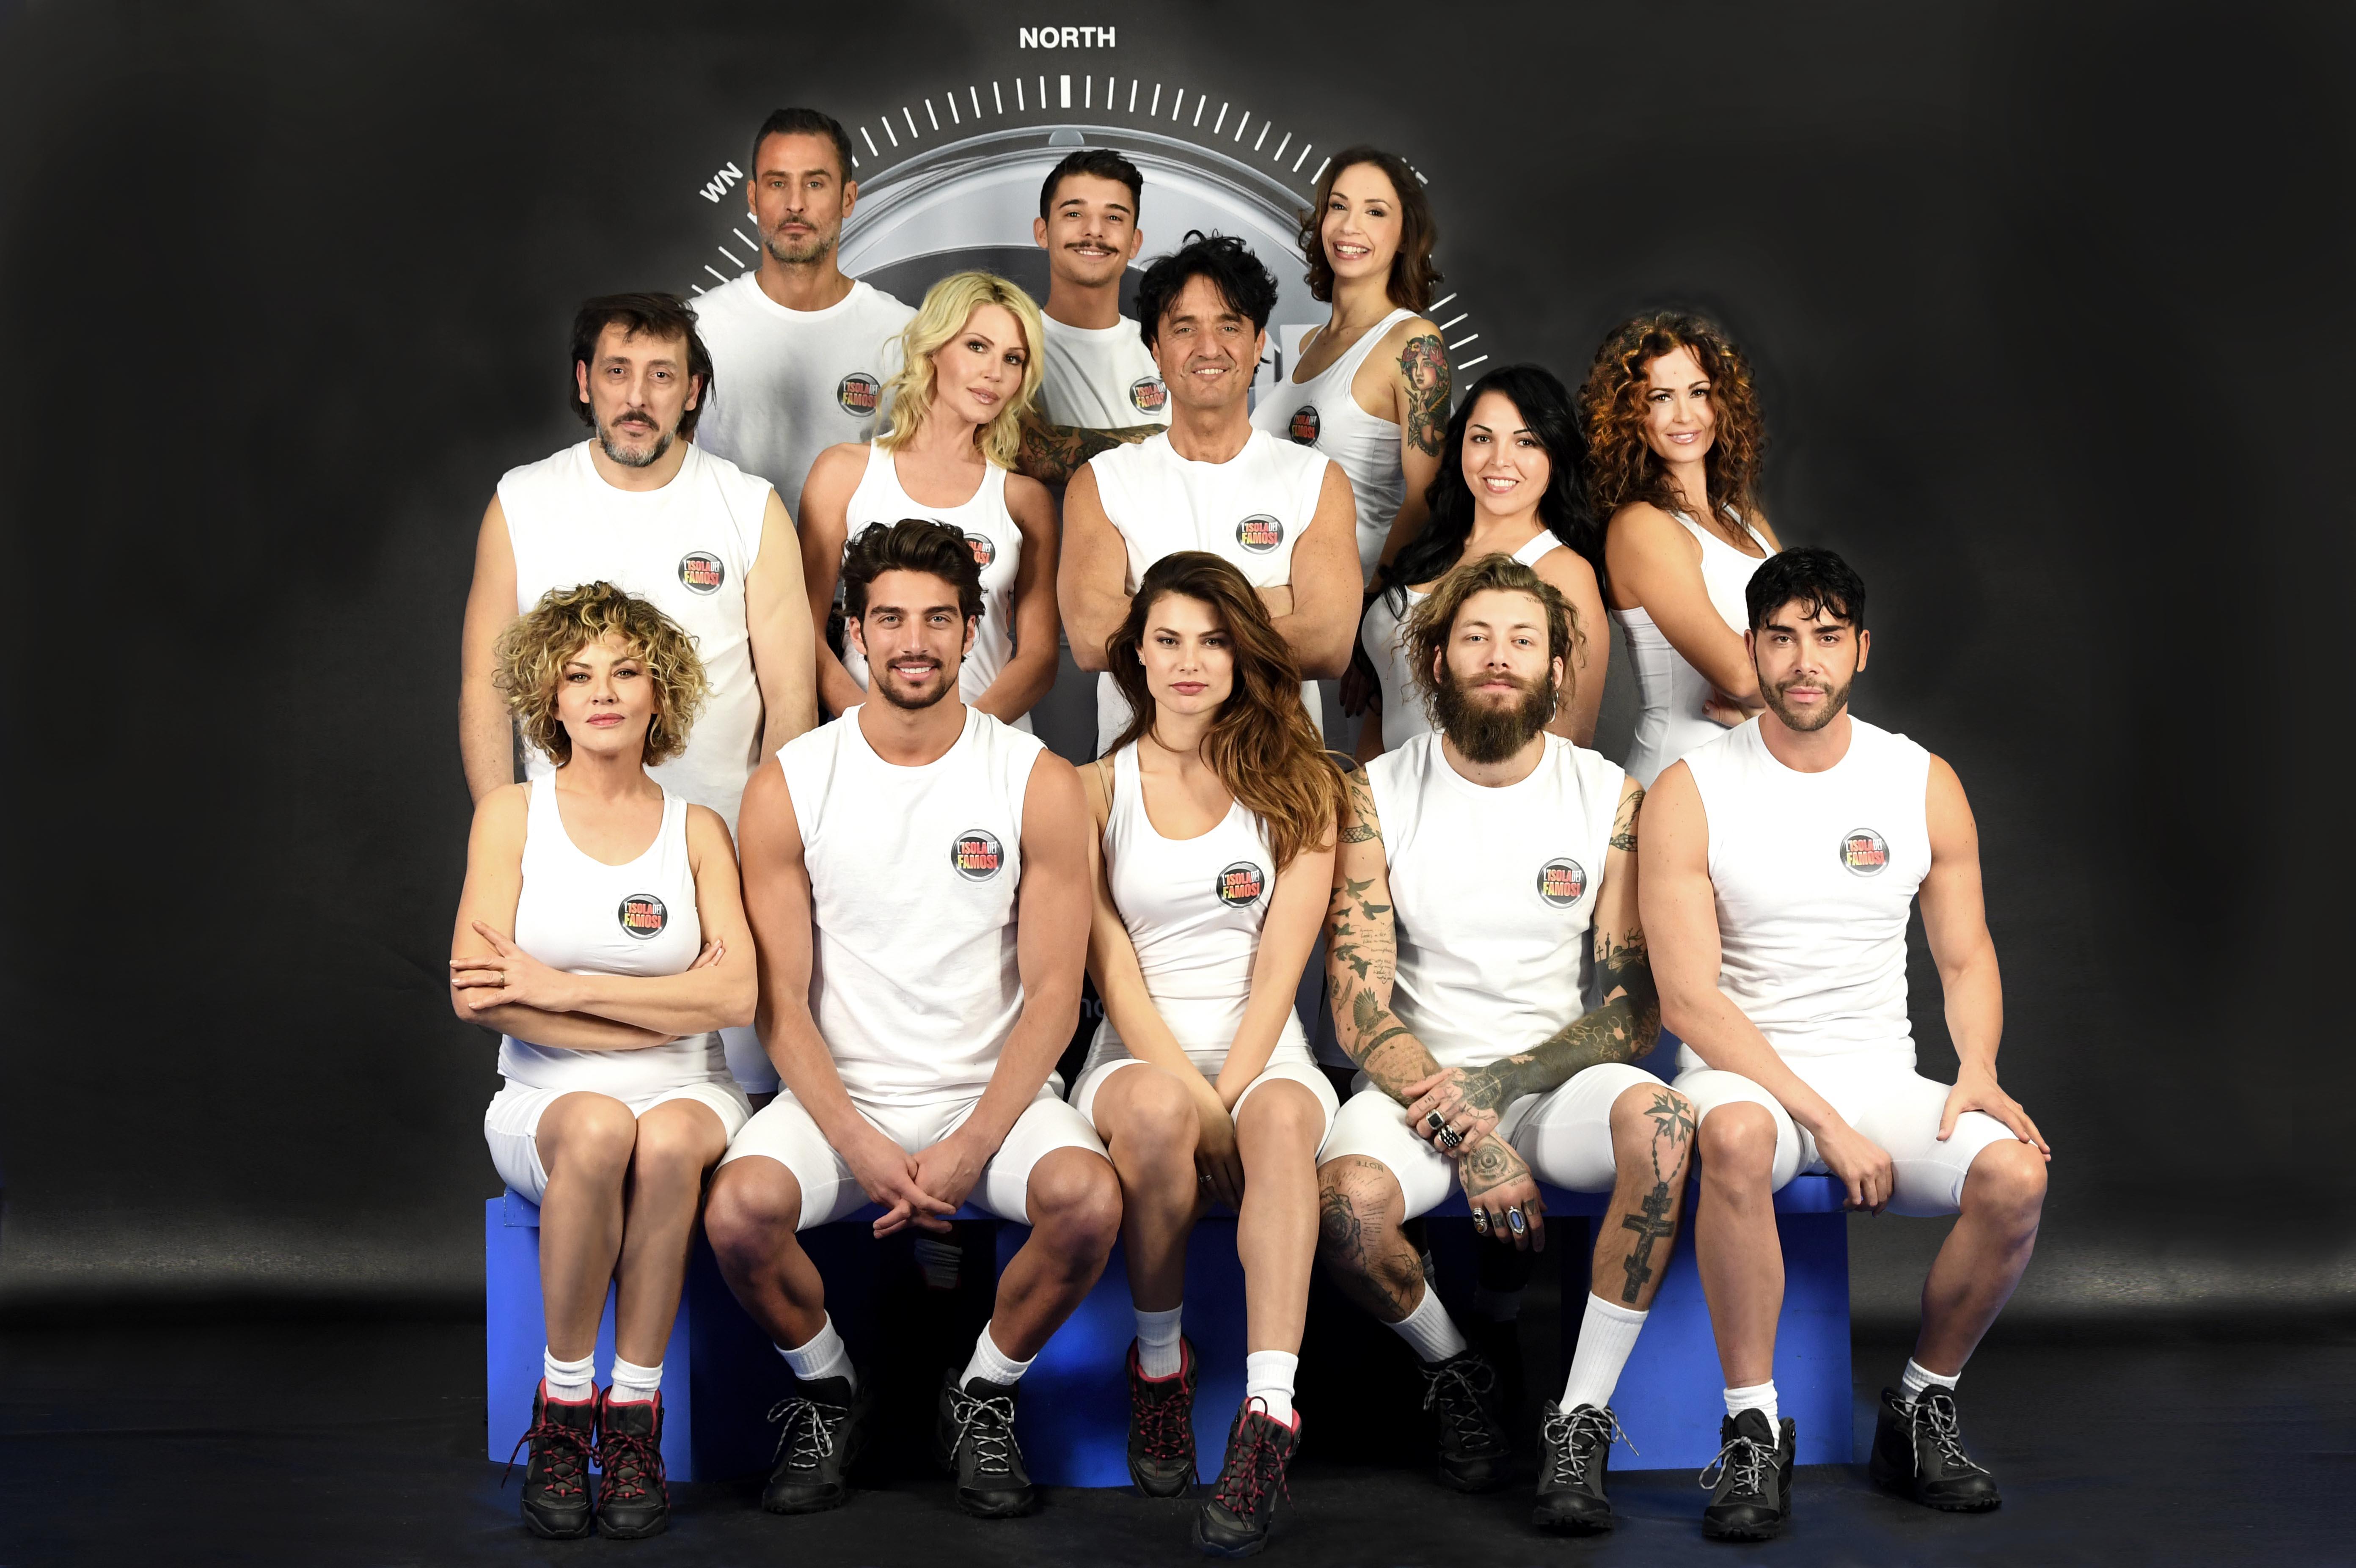 L'Isola dei Famosi 2017, i concorrenti ufficiali nel cast della 12 edizione